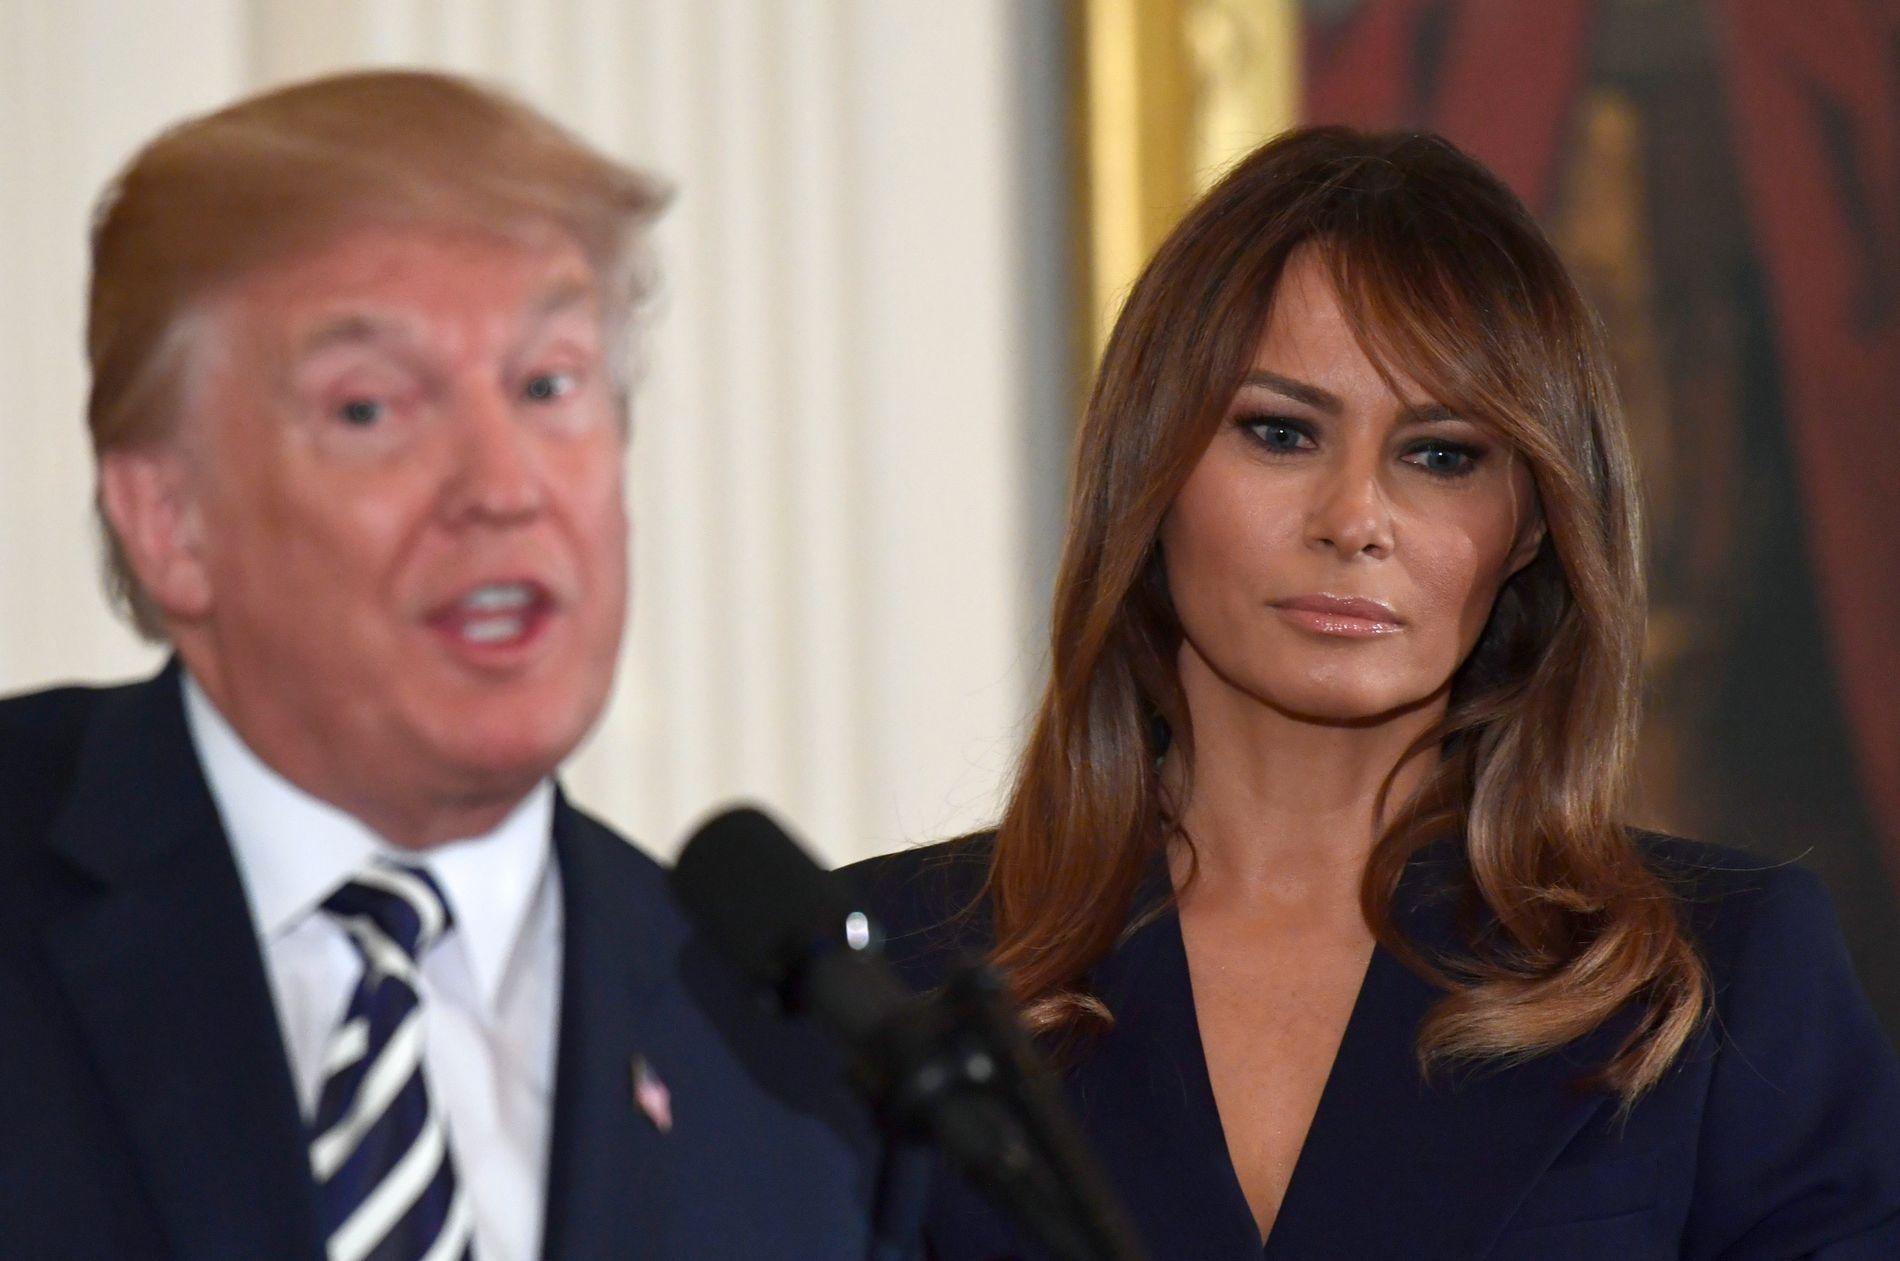 INNLAGT: USAs førstedame Melania Trump har gjennomgått en nyreoperasjon, opplyser Det hvite hus mandag.